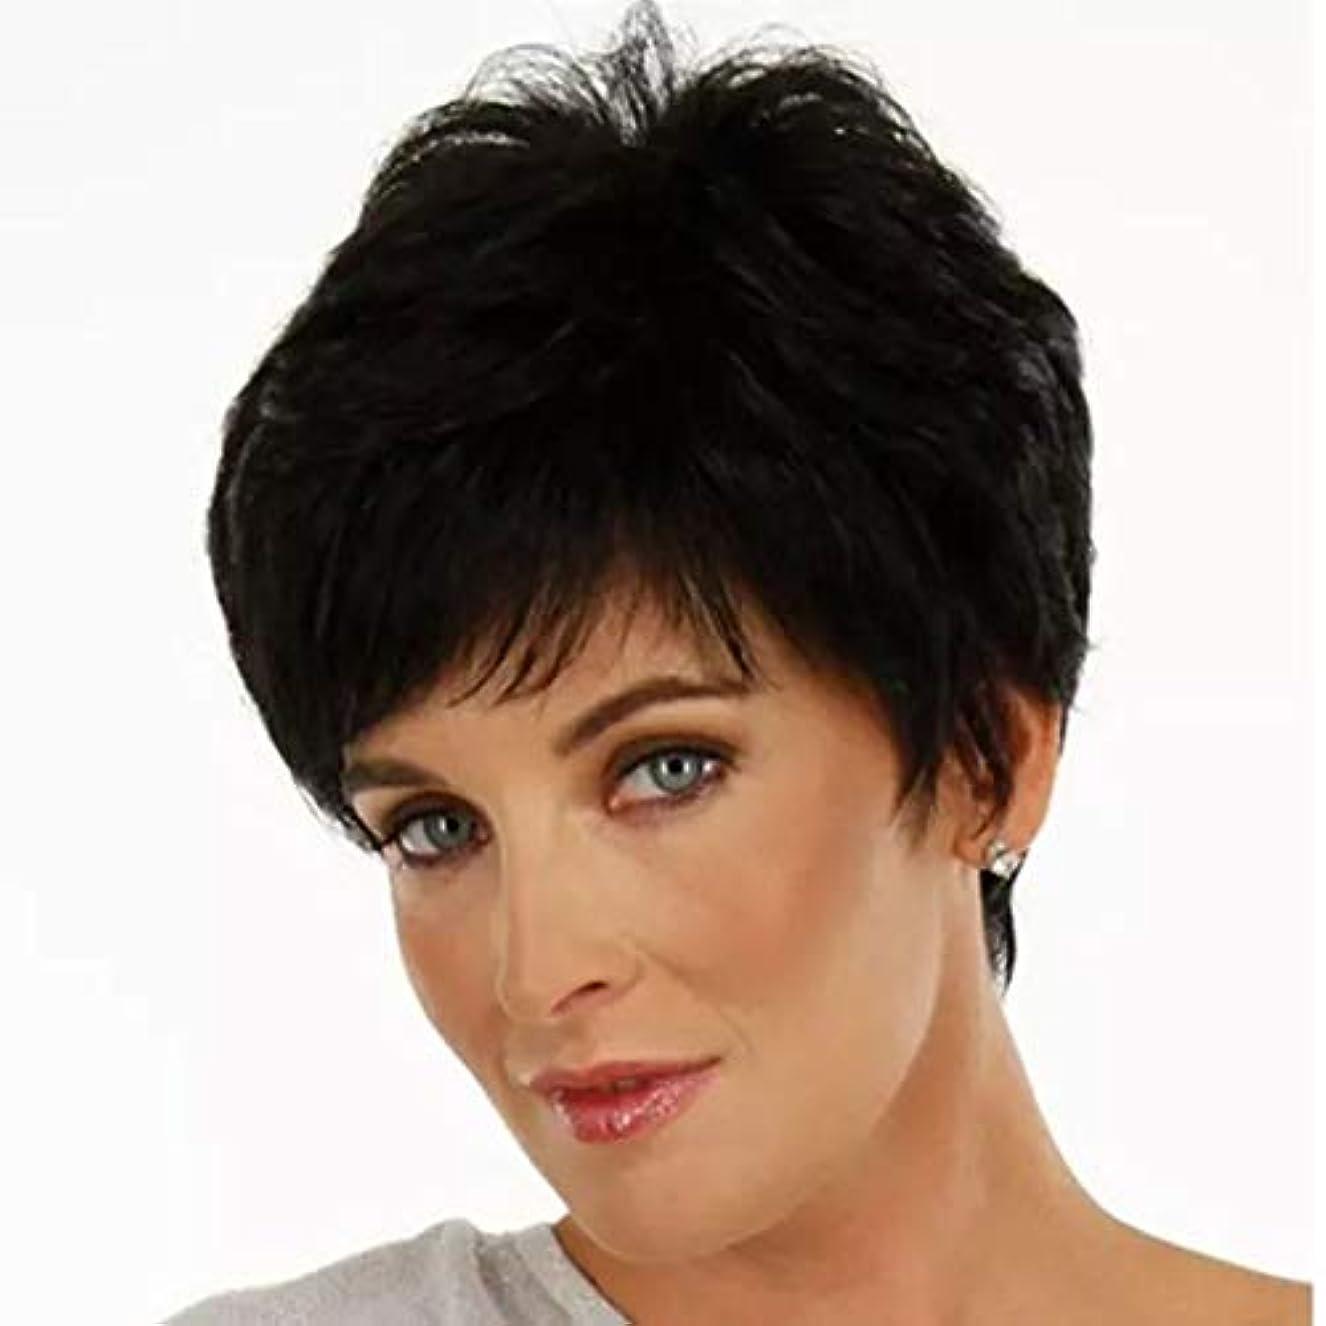 新着低下しみSummerys 女性のための短いストレートヘアケアファイバー高温シルクウィッグヘッドギアをかつら